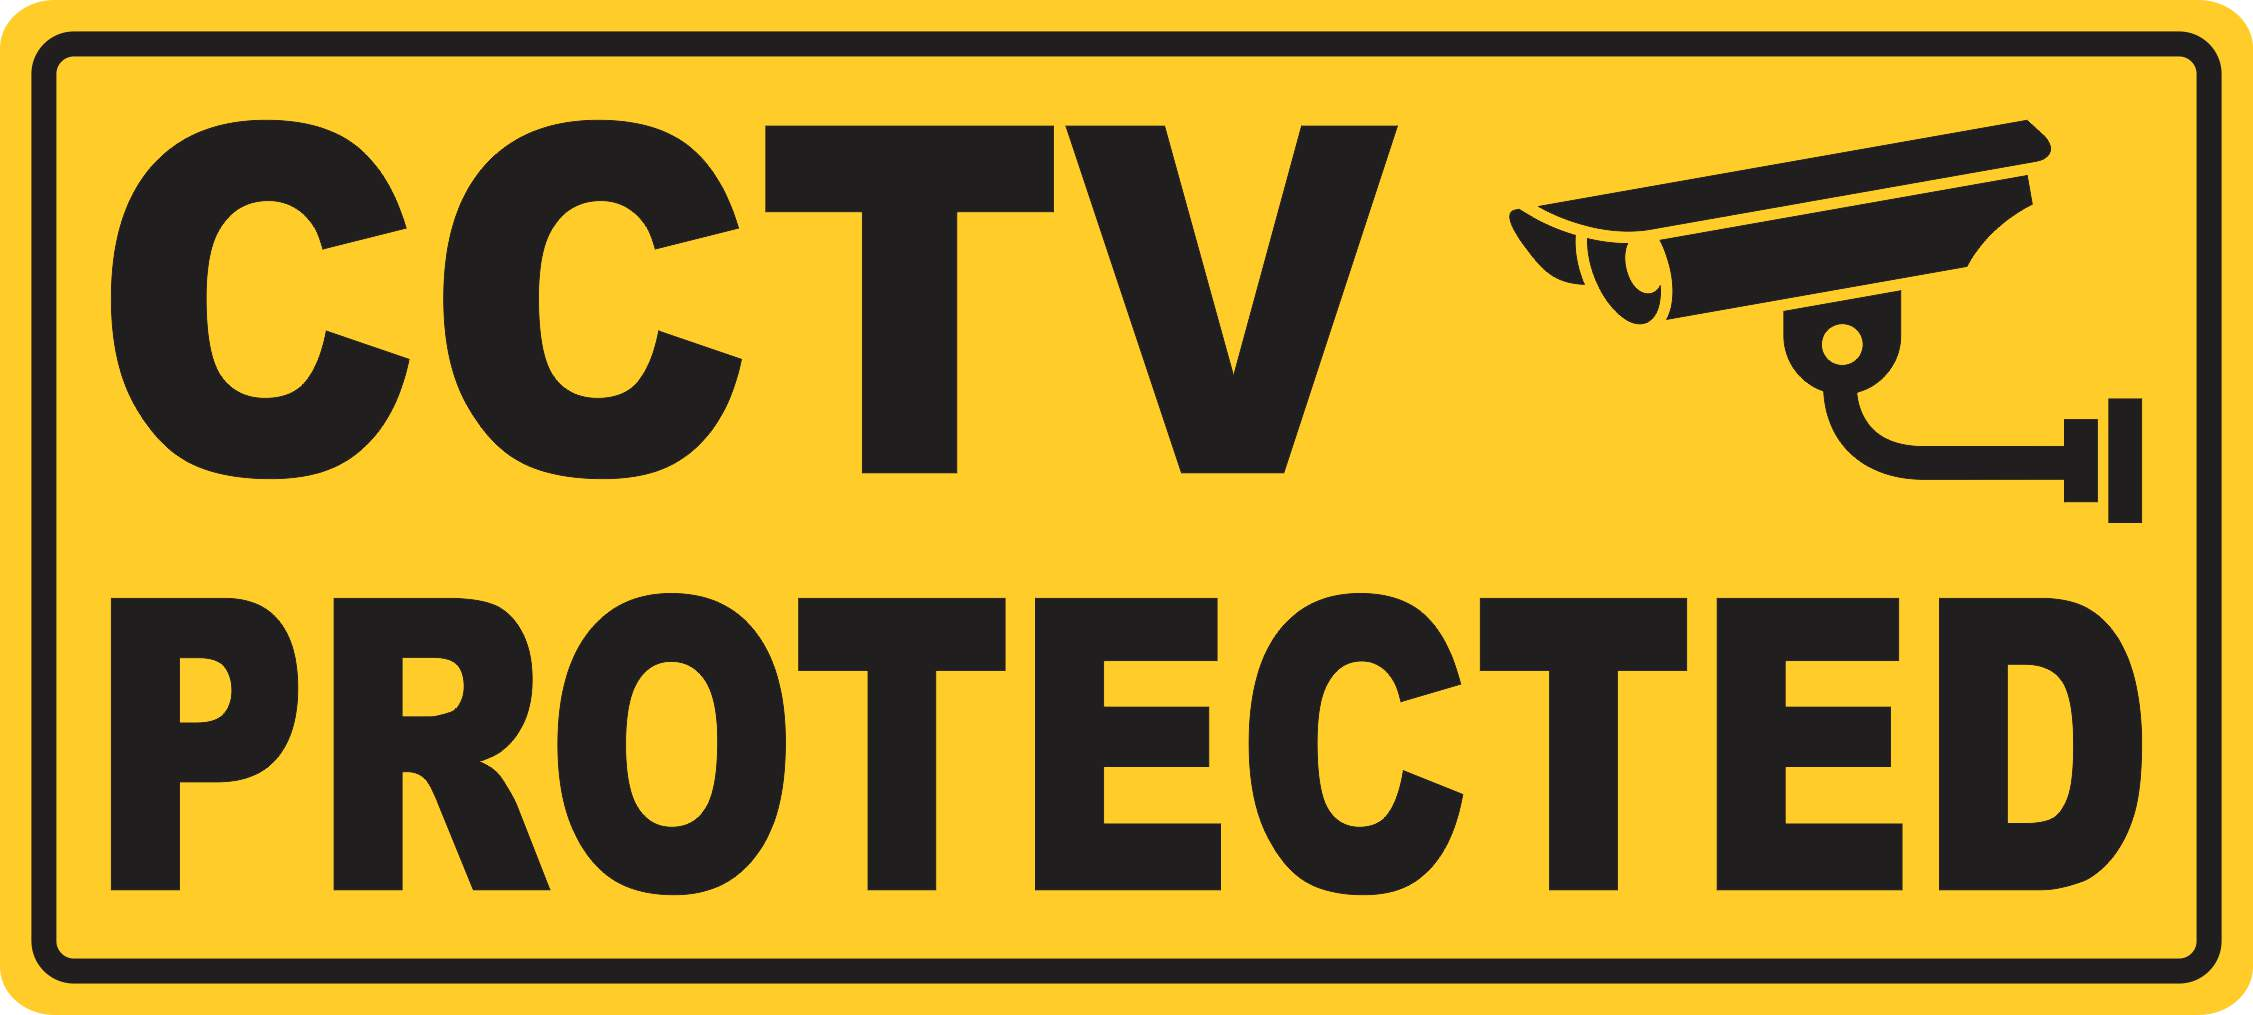 10in x 4 5in cctv protected sticker vinyl decal door decals sign stickers